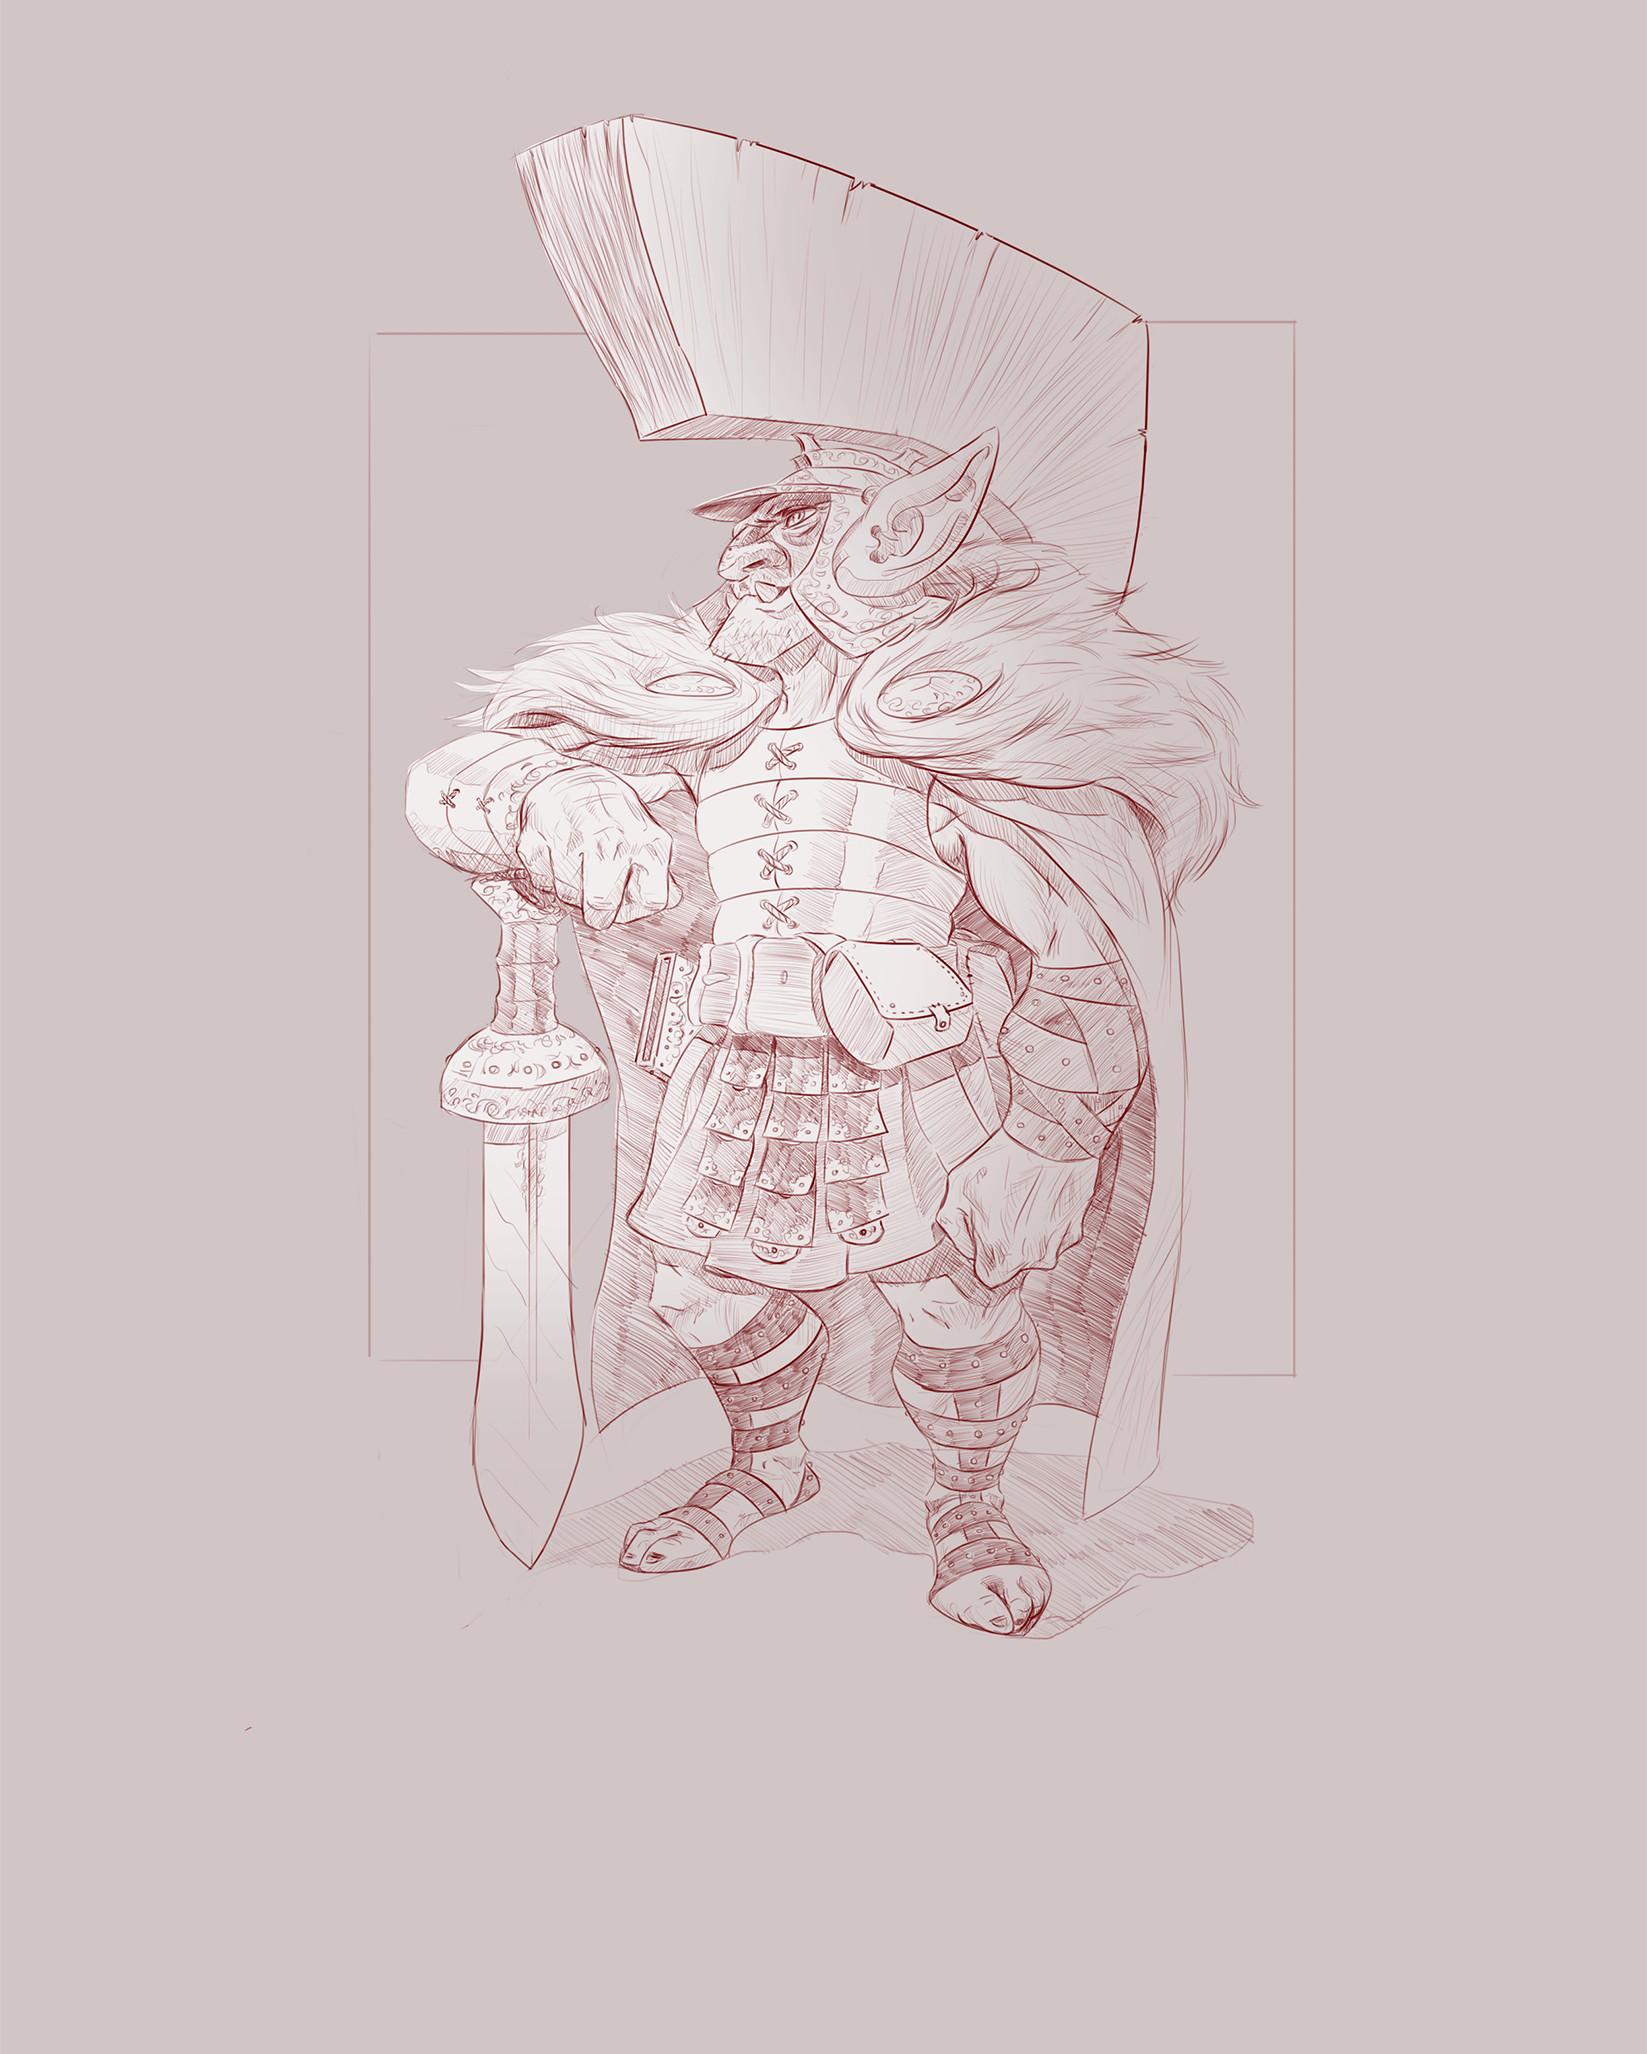 Ricardo coelho legionarygobelin2